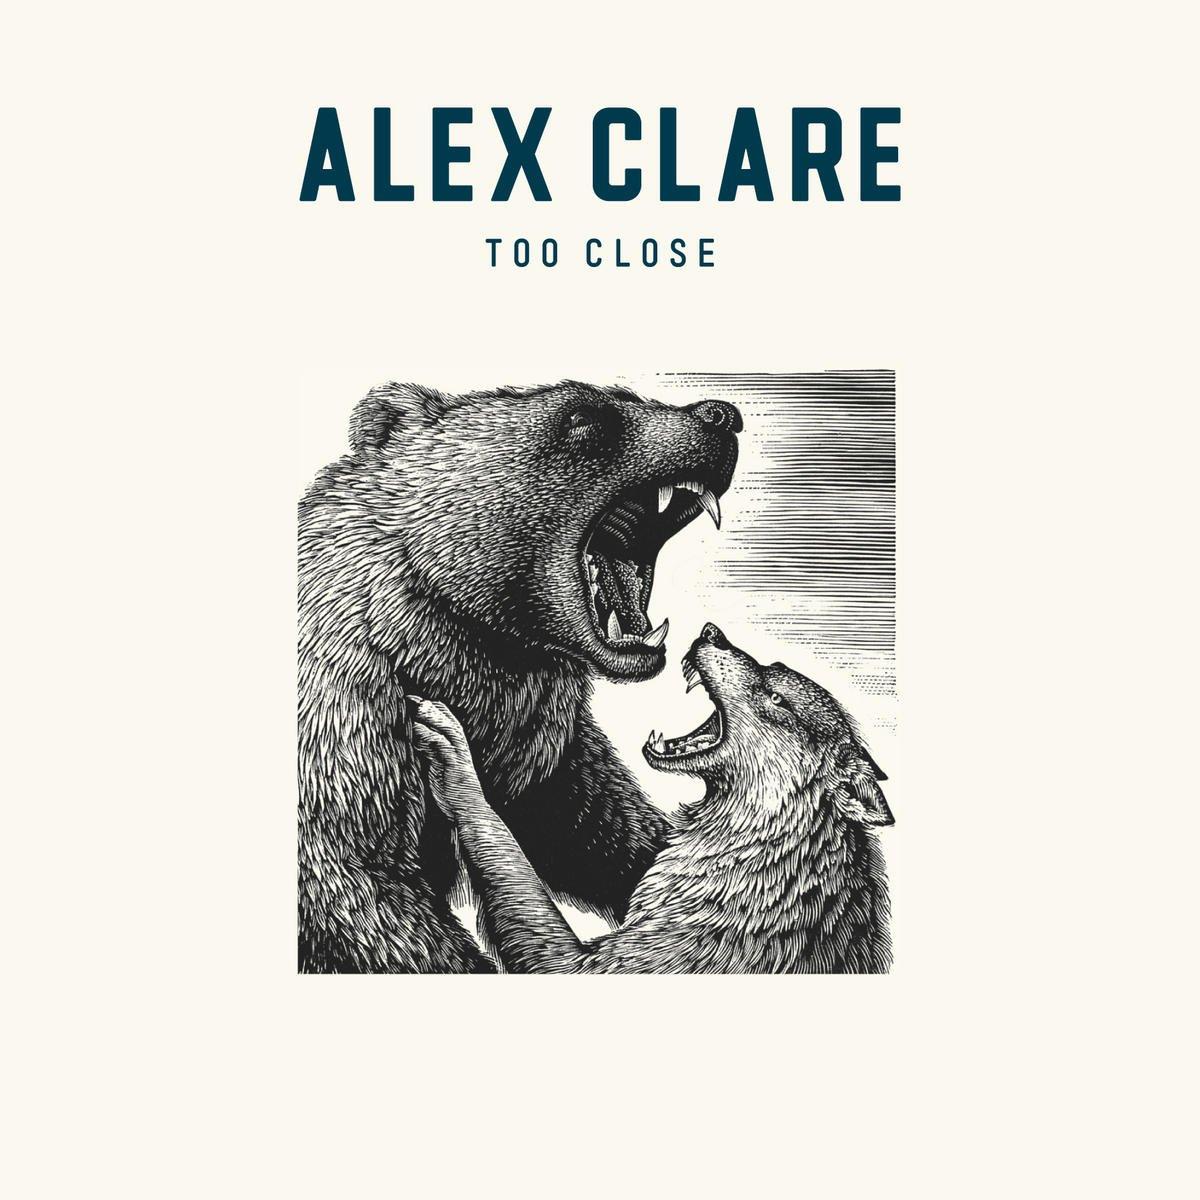 Alex Clare – Too Close (single cover art)